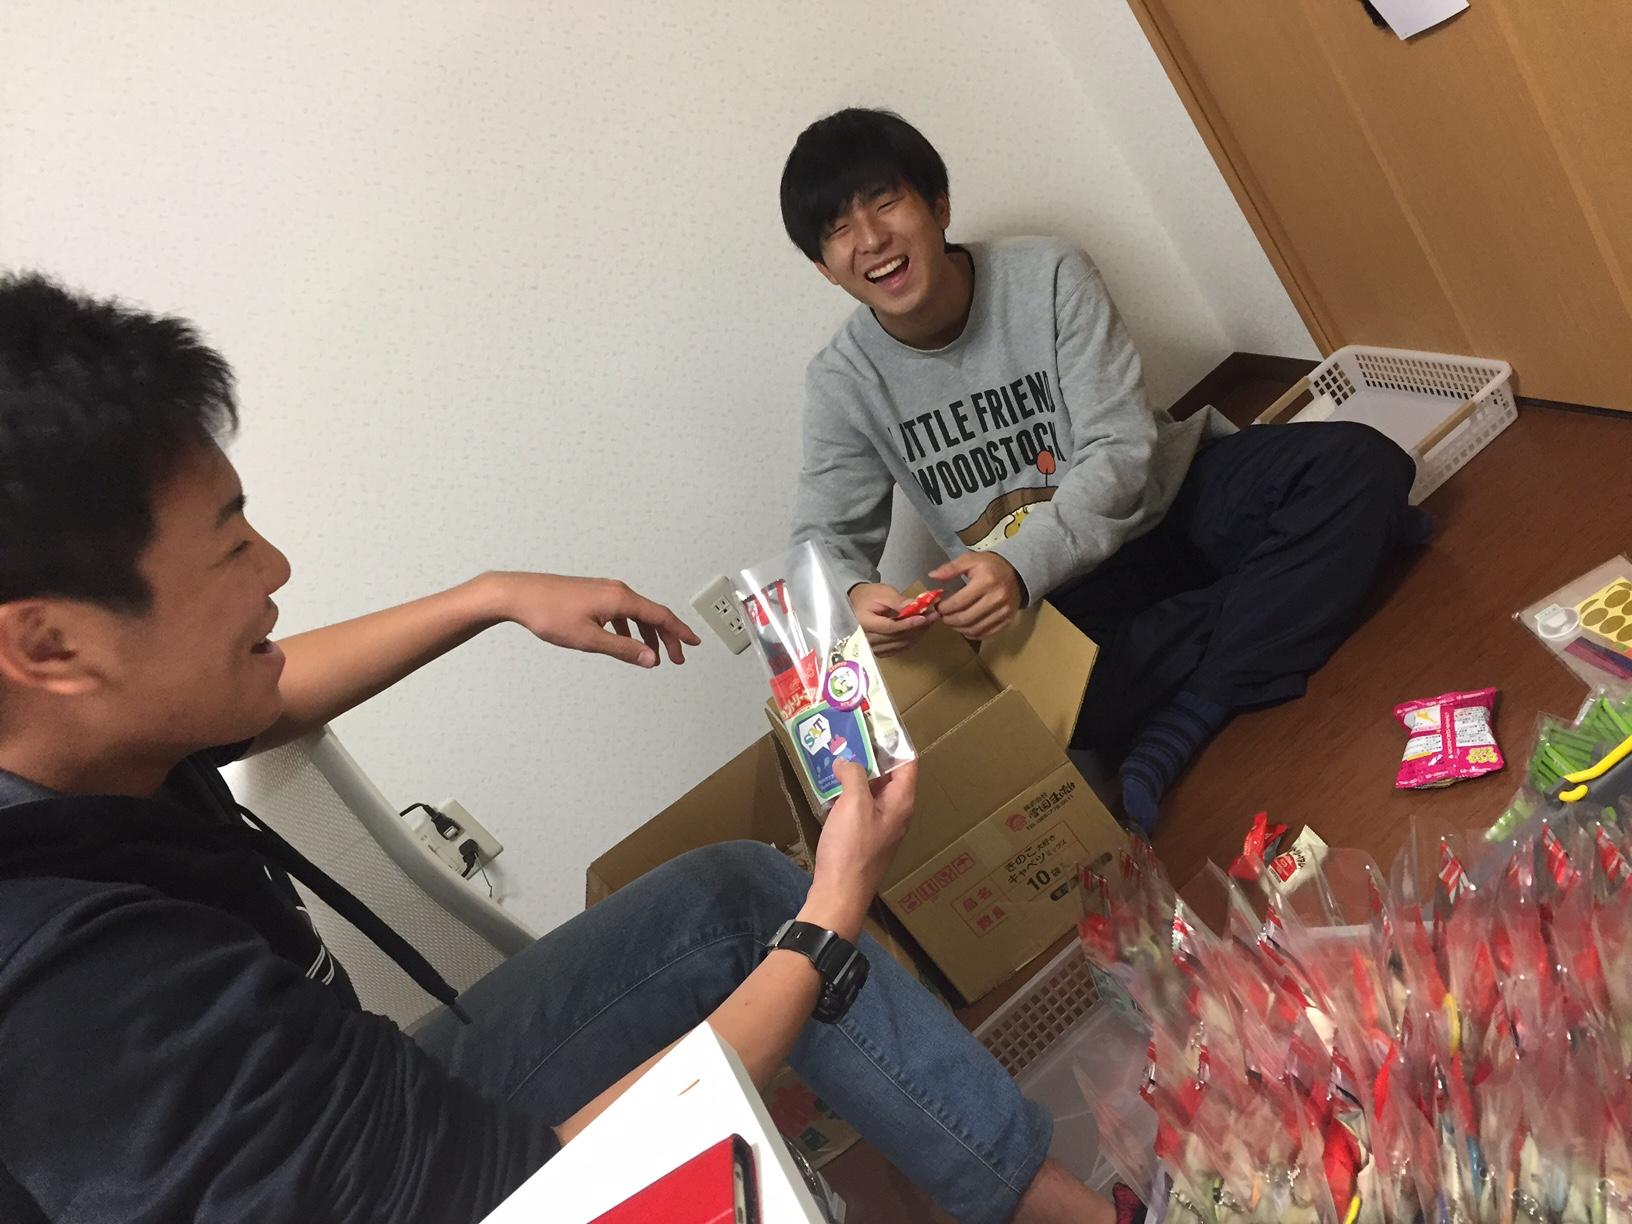 帝京科学大学  11月13日、東綾瀬公園でオフスクールパークを開催します! #00